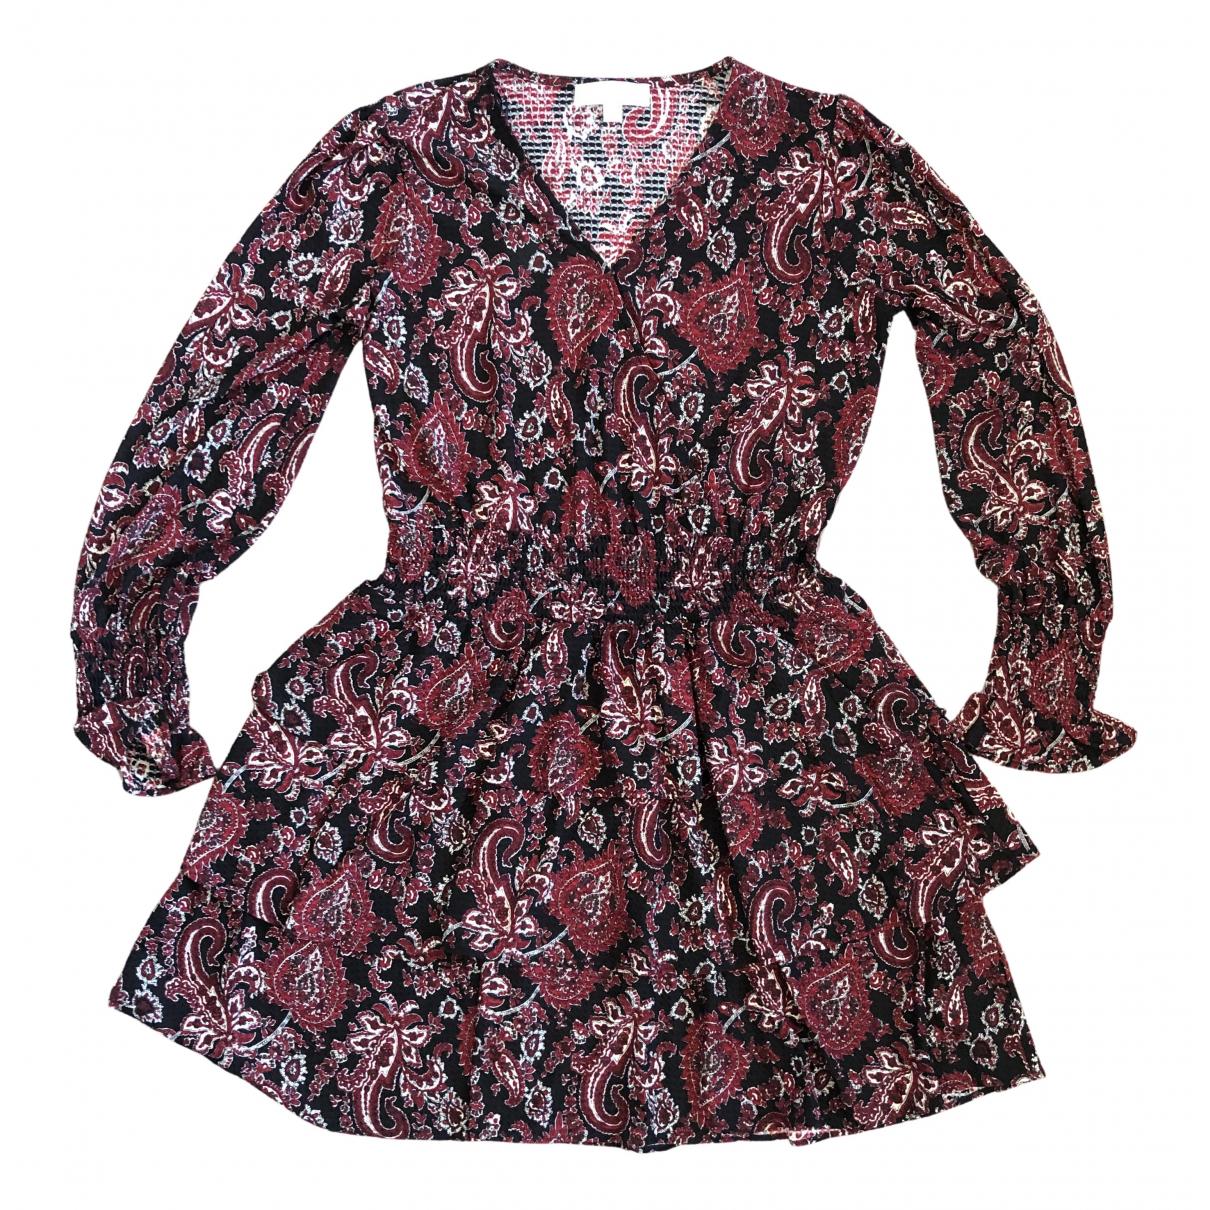 Michael Kors N Burgundy dress for Women M International